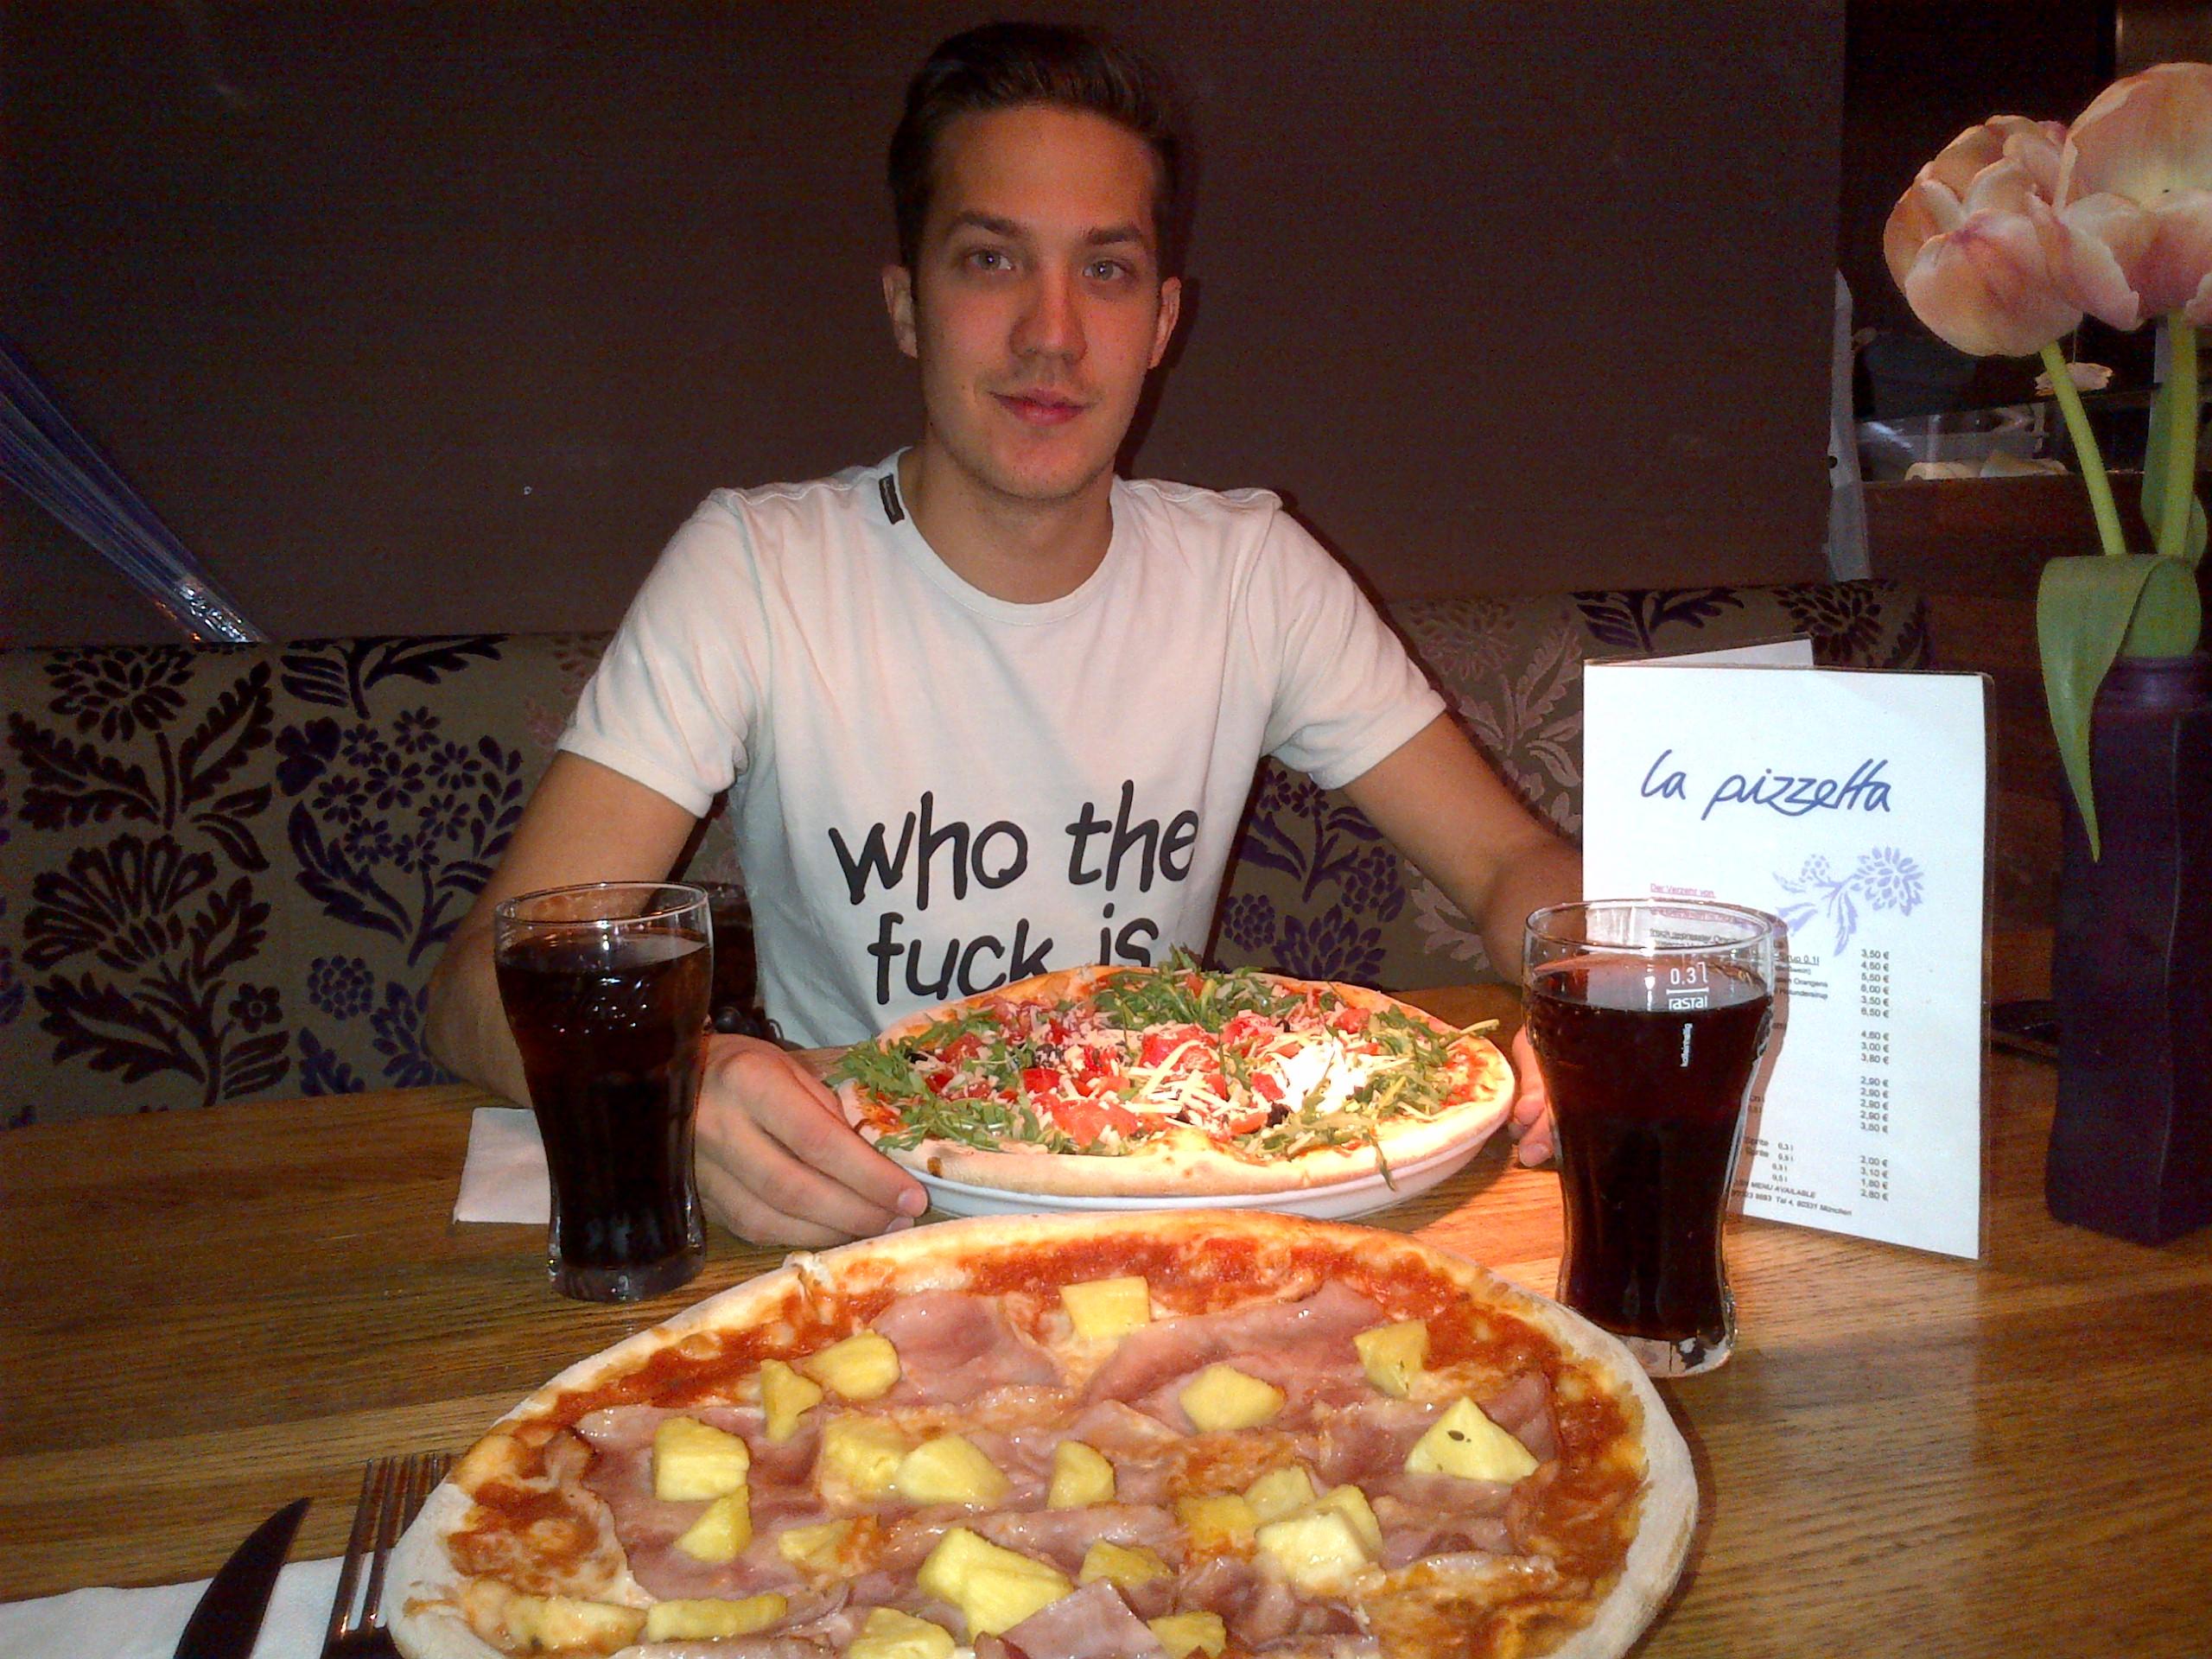 Restaurant la pizzetta - Traditionelle Pizza in München/Marienplatz - Reservierungen gern erwünscht